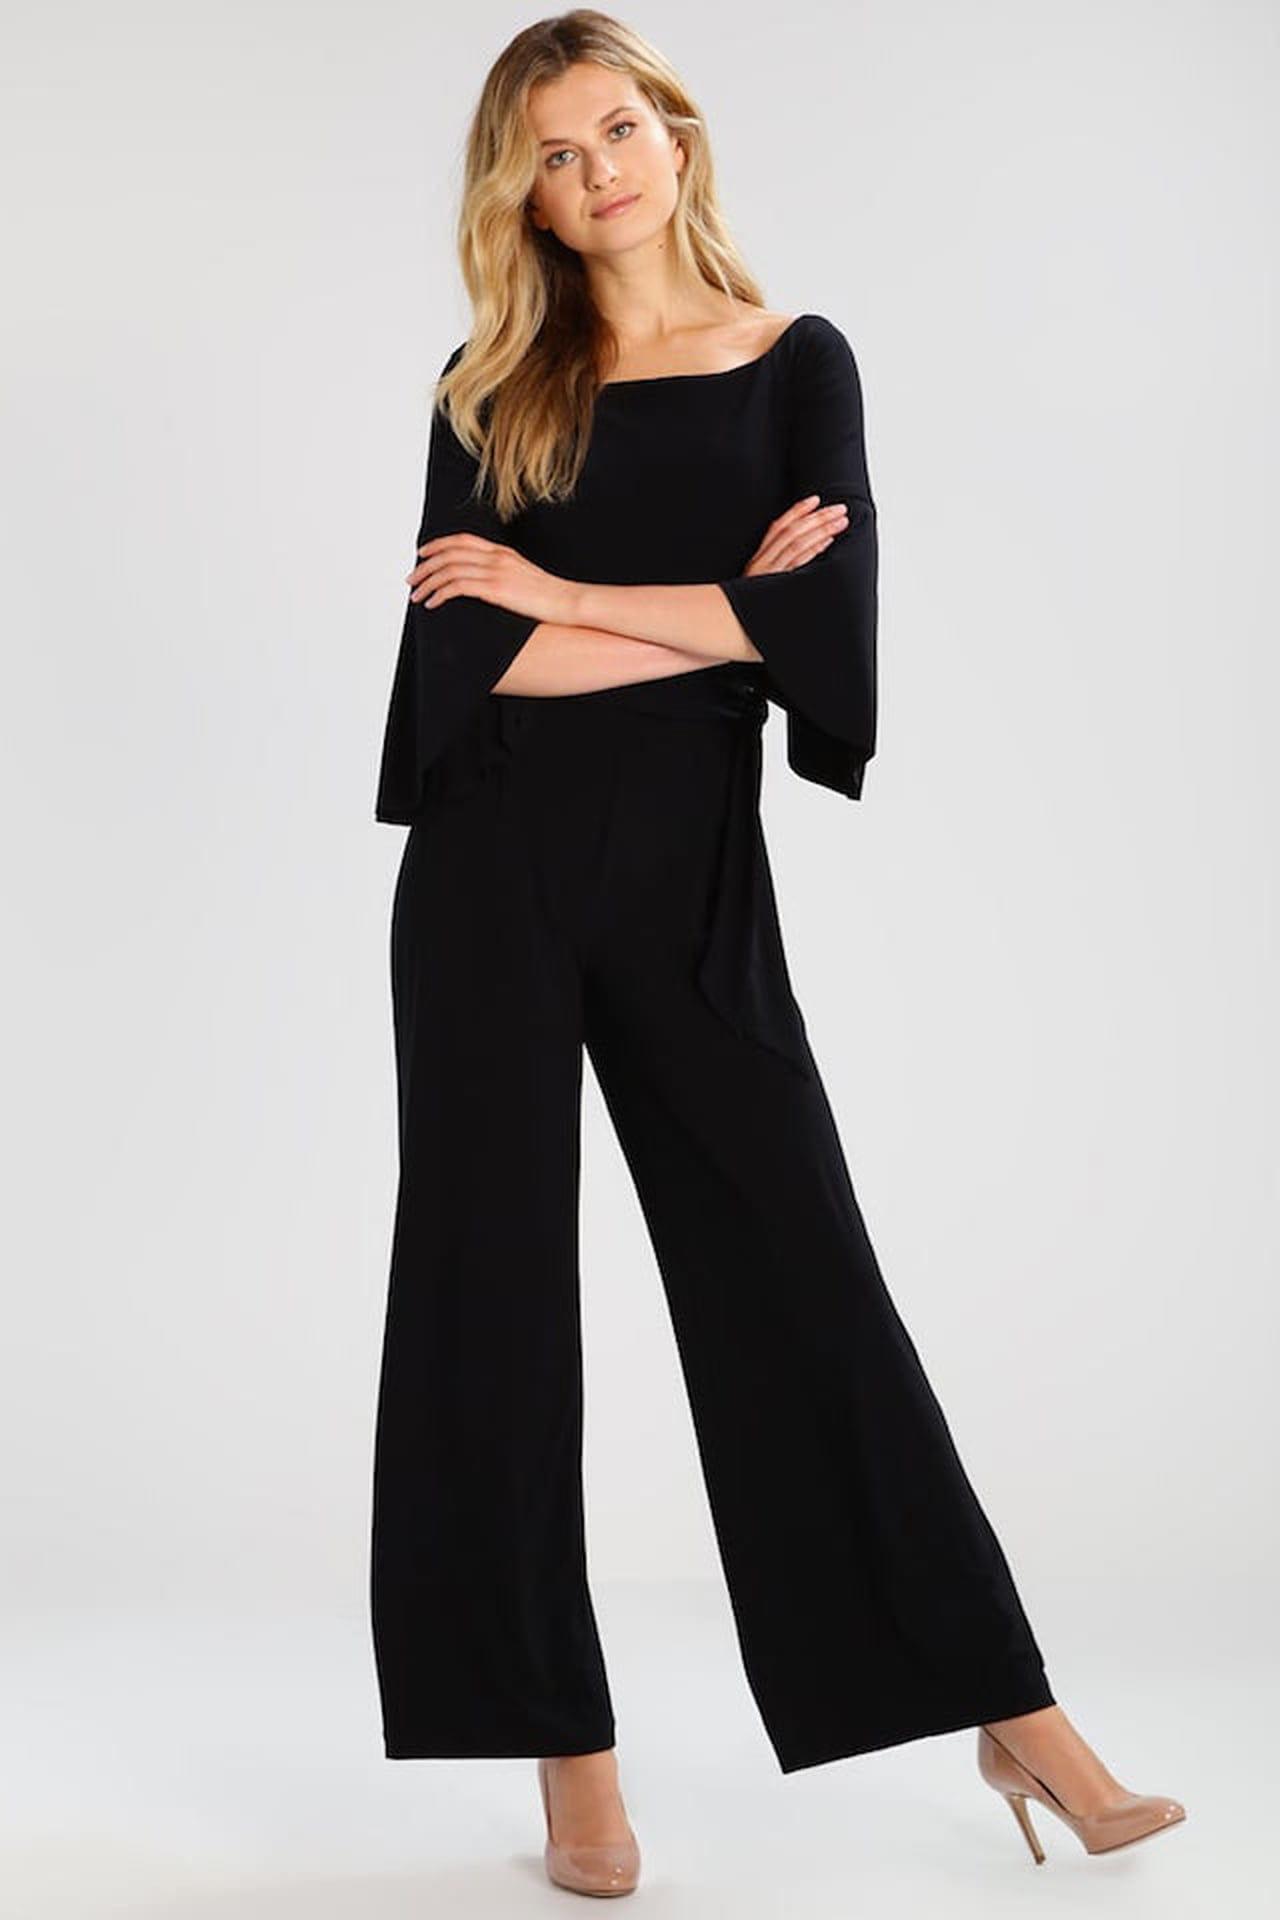 3ec0b0a616f6 Tuta jumpsuit elegante  il modello Ralph Lauren si declina sul total black  ed è impreziosito dalle maniche ampie. © Ralph Lauren su Zalando